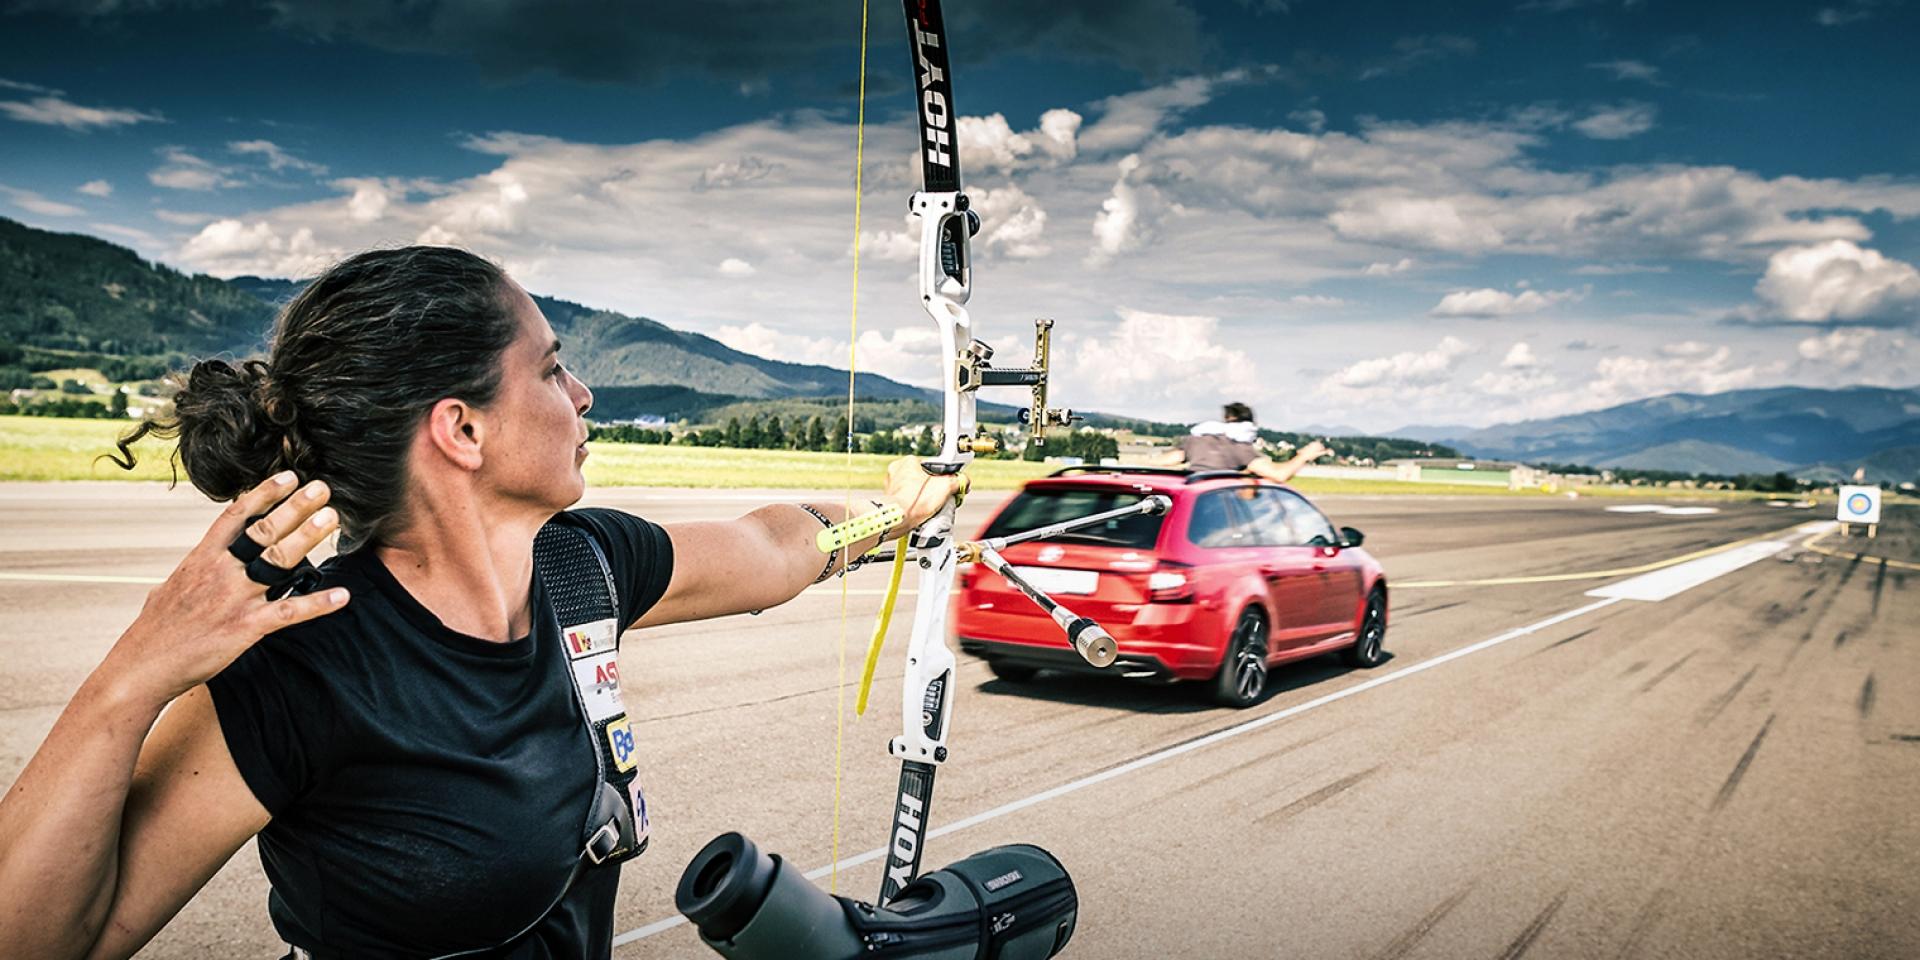 這個廣告似曾相似,Skoda Octavia極速215km/h徒手抓飛箭!